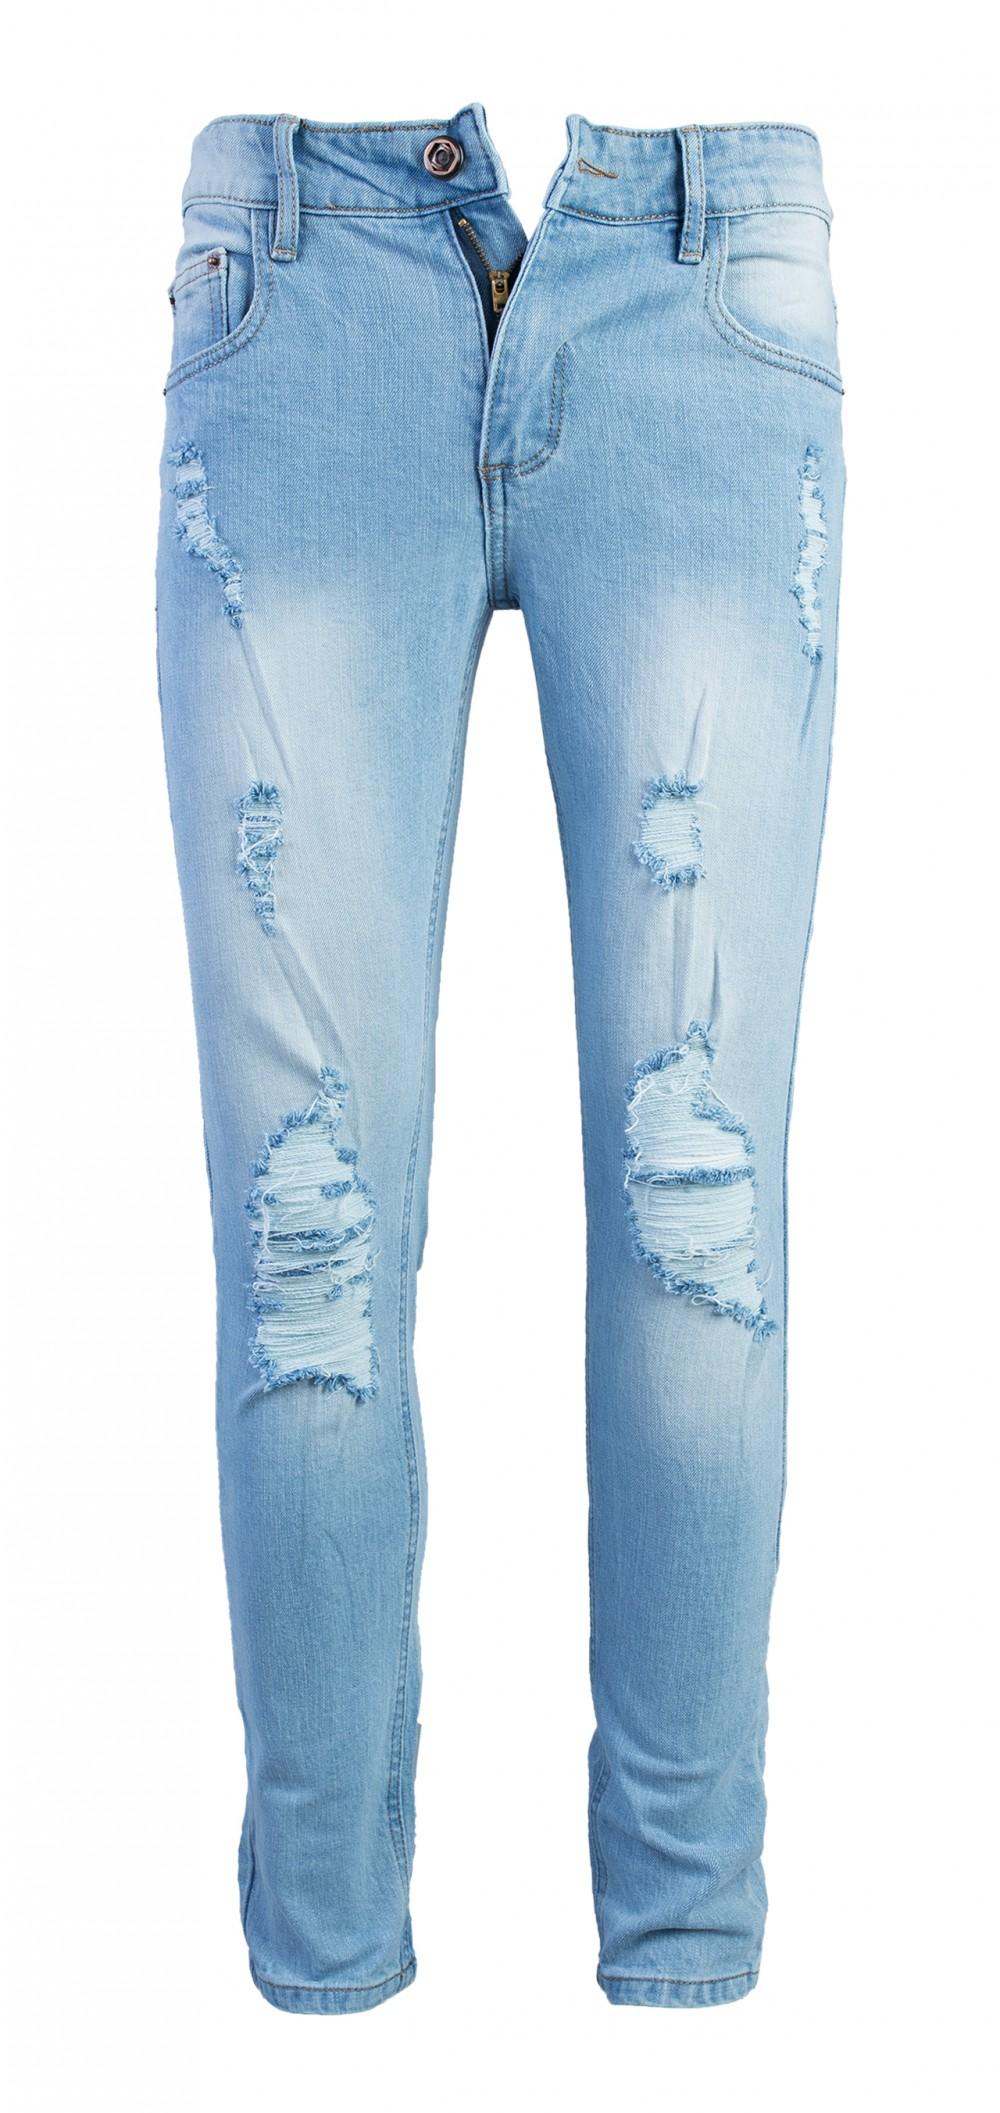 Quần jeans rách xanh qj1575 - 1